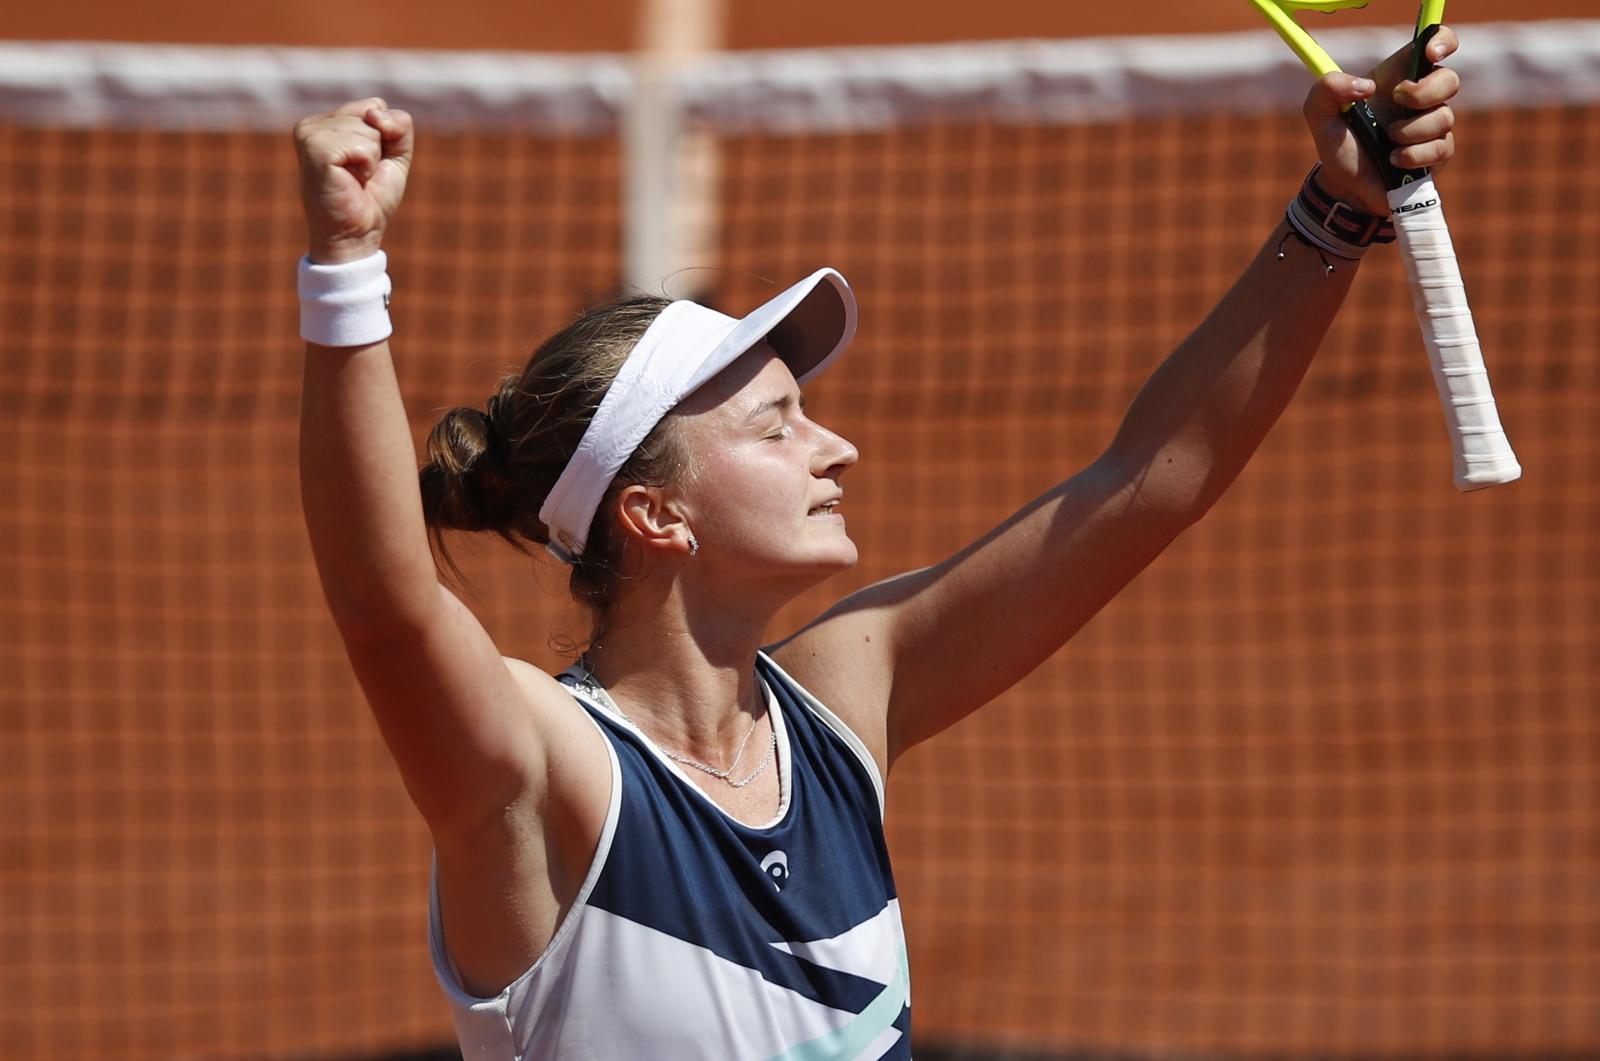 Najmłodsza ćwierćfinalistka zatrzymana. Barbora Krejcikova wciąż może marzyć o triumfie - Sport WP SportoweFakty